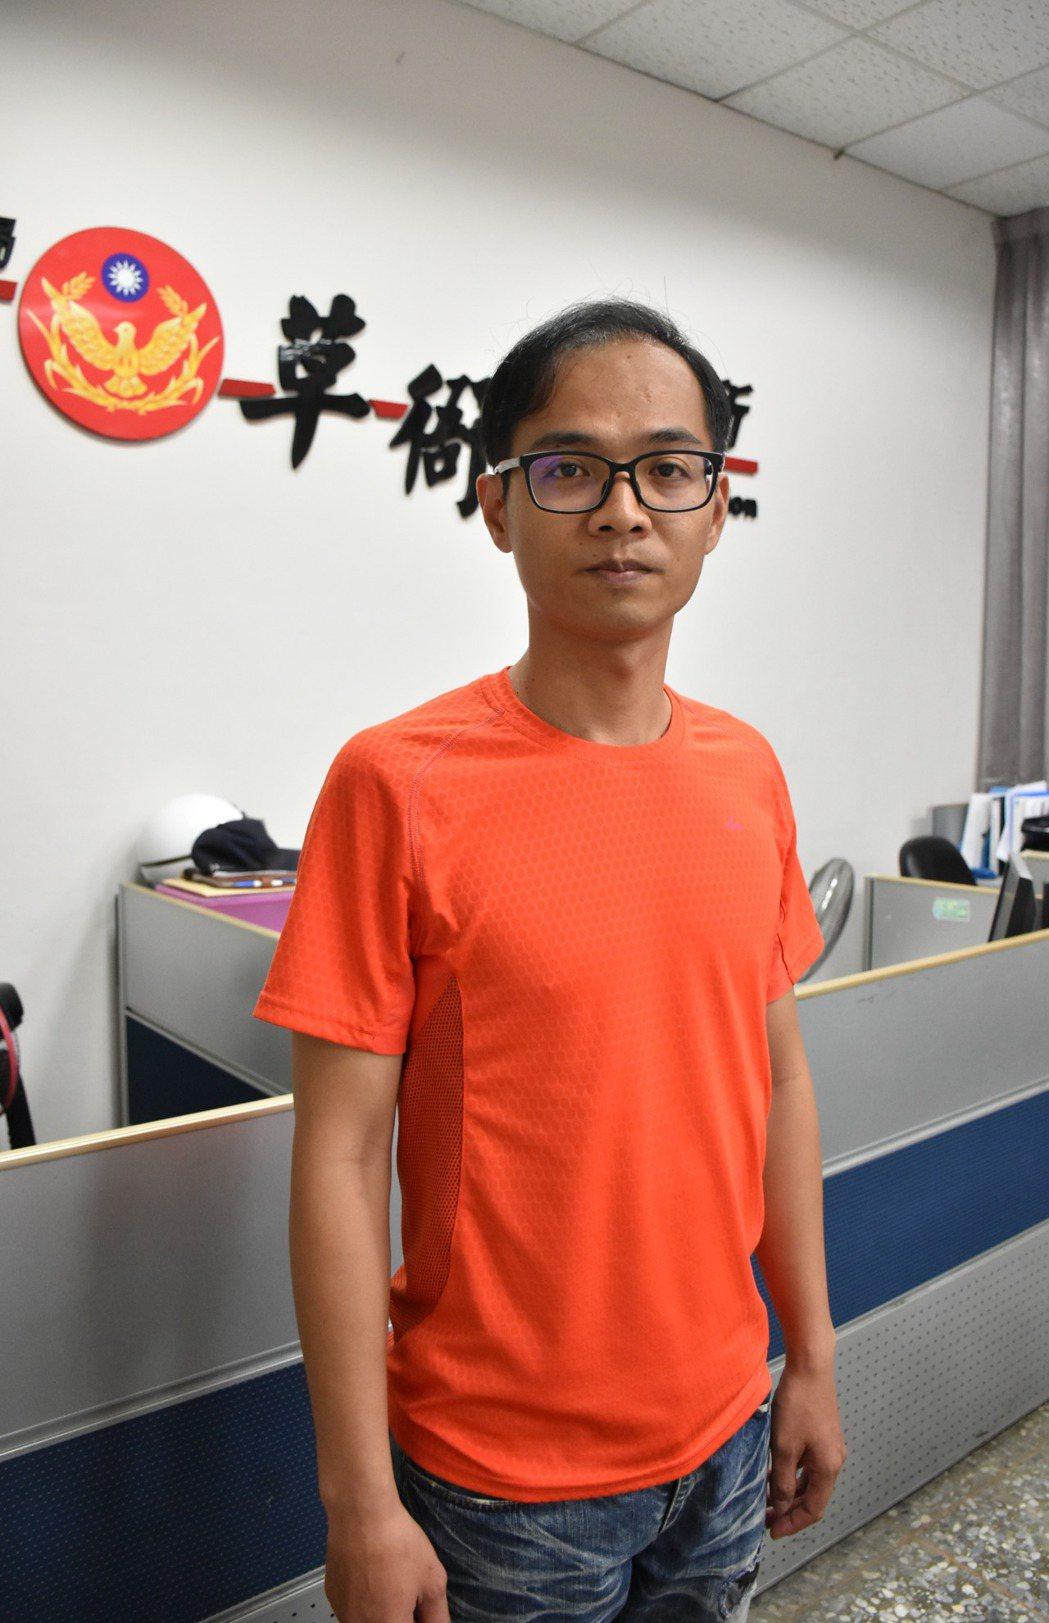 草衙派出所33歲警員宋志傑運動時巧遇單車小偷,尾隨10公里抓人。記者蕭雅娟╱攝影